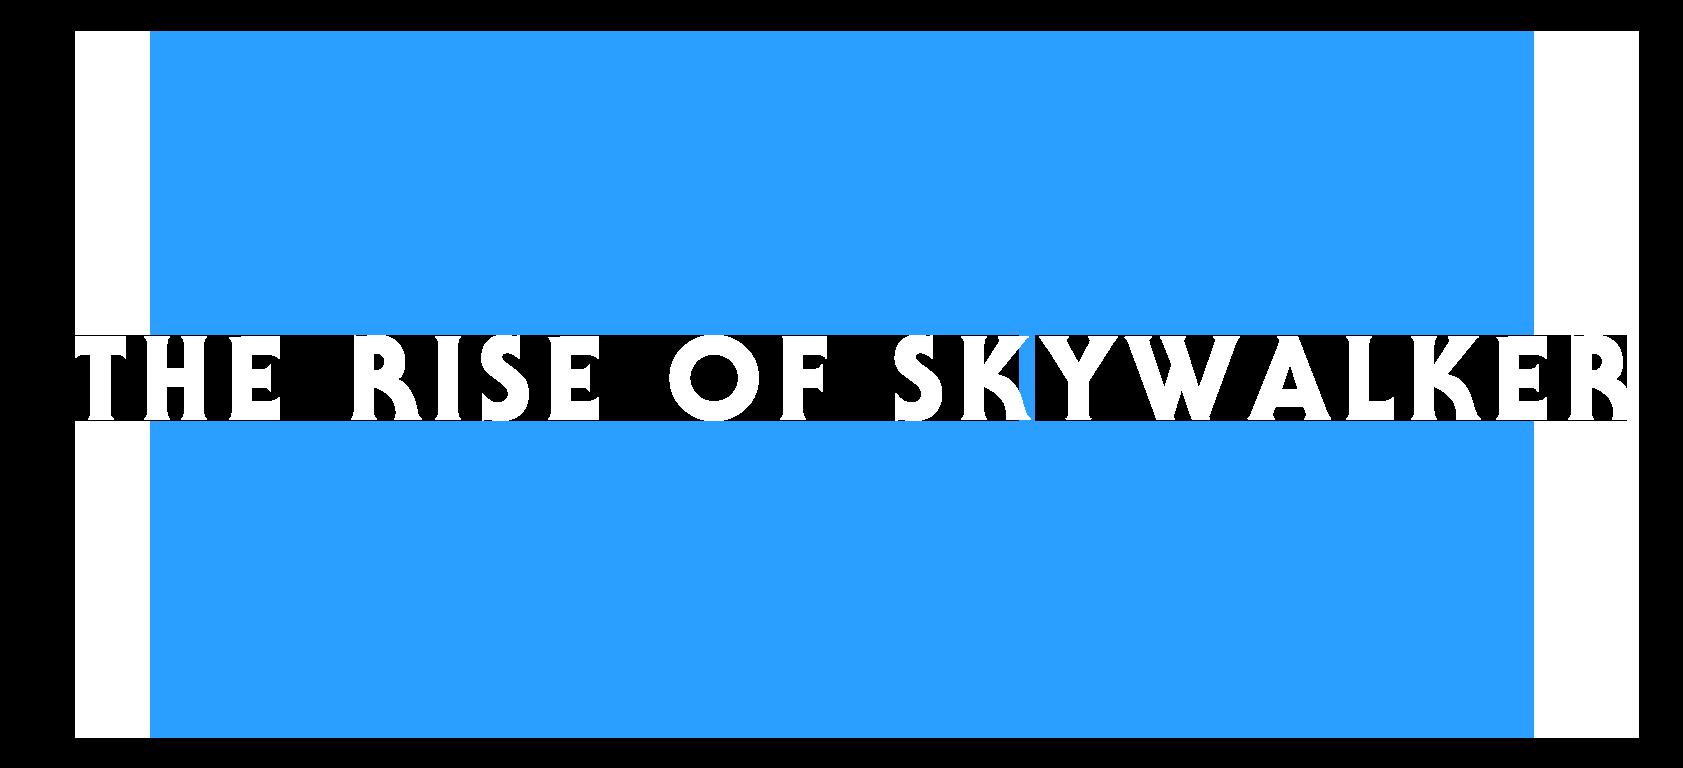 Star Wars The Rise Of Skywalker Transparent Logo By Markhoofman On Deviantart